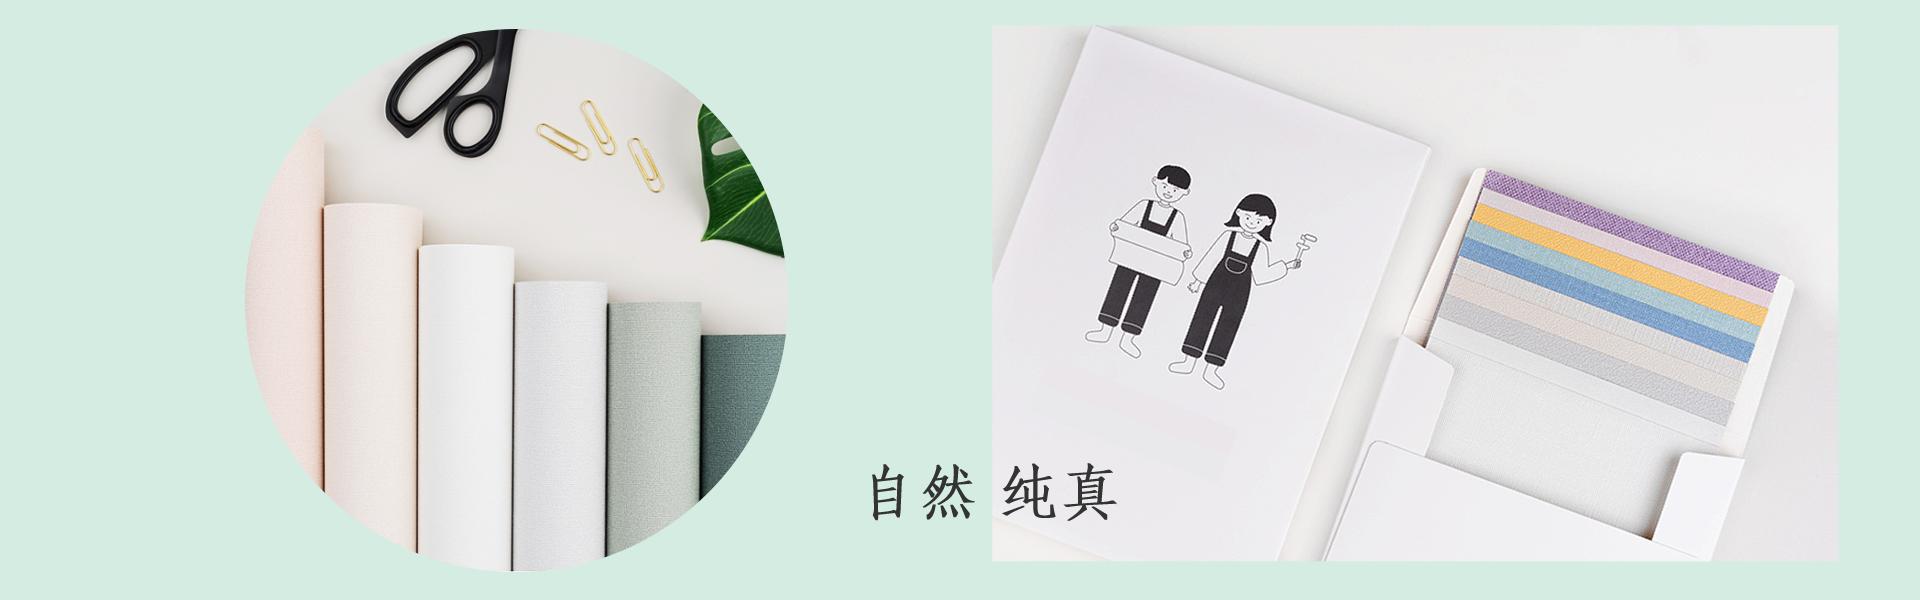 韩国壁纸|DID壁纸|LG壁纸|SEOUL壁纸|COSMSOS壁纸|GNI壁纸|新韩壁纸|防火壁纸|阻燃壁纸|进口壁纸